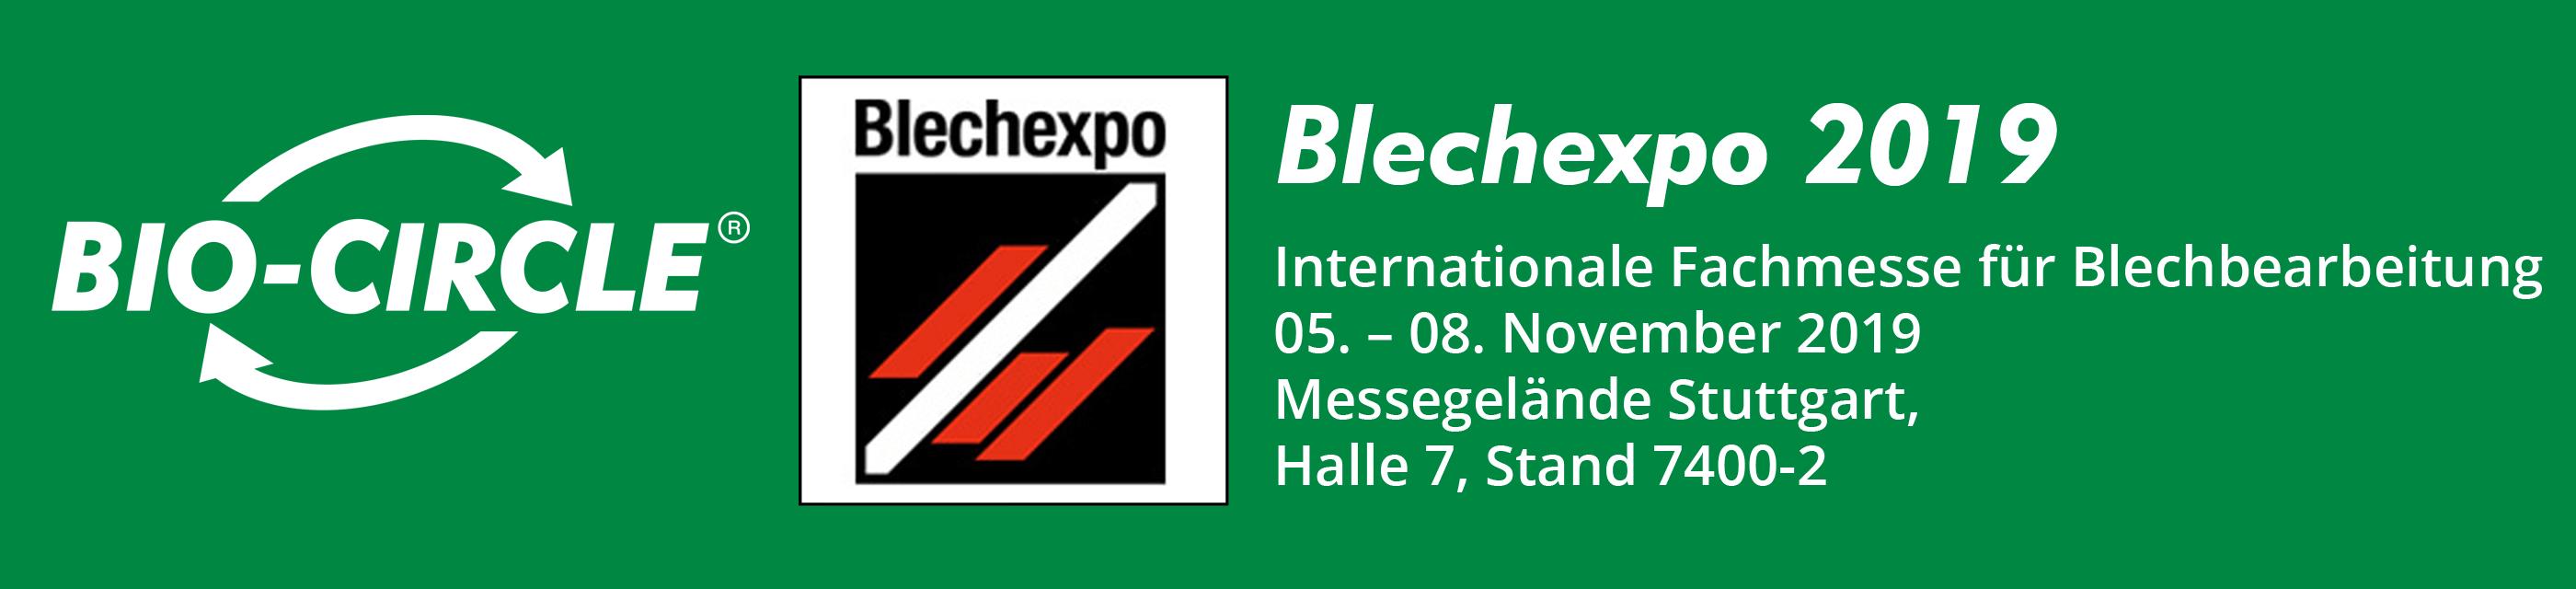 Messe_Info_Banner_Blechexpo2019_DE